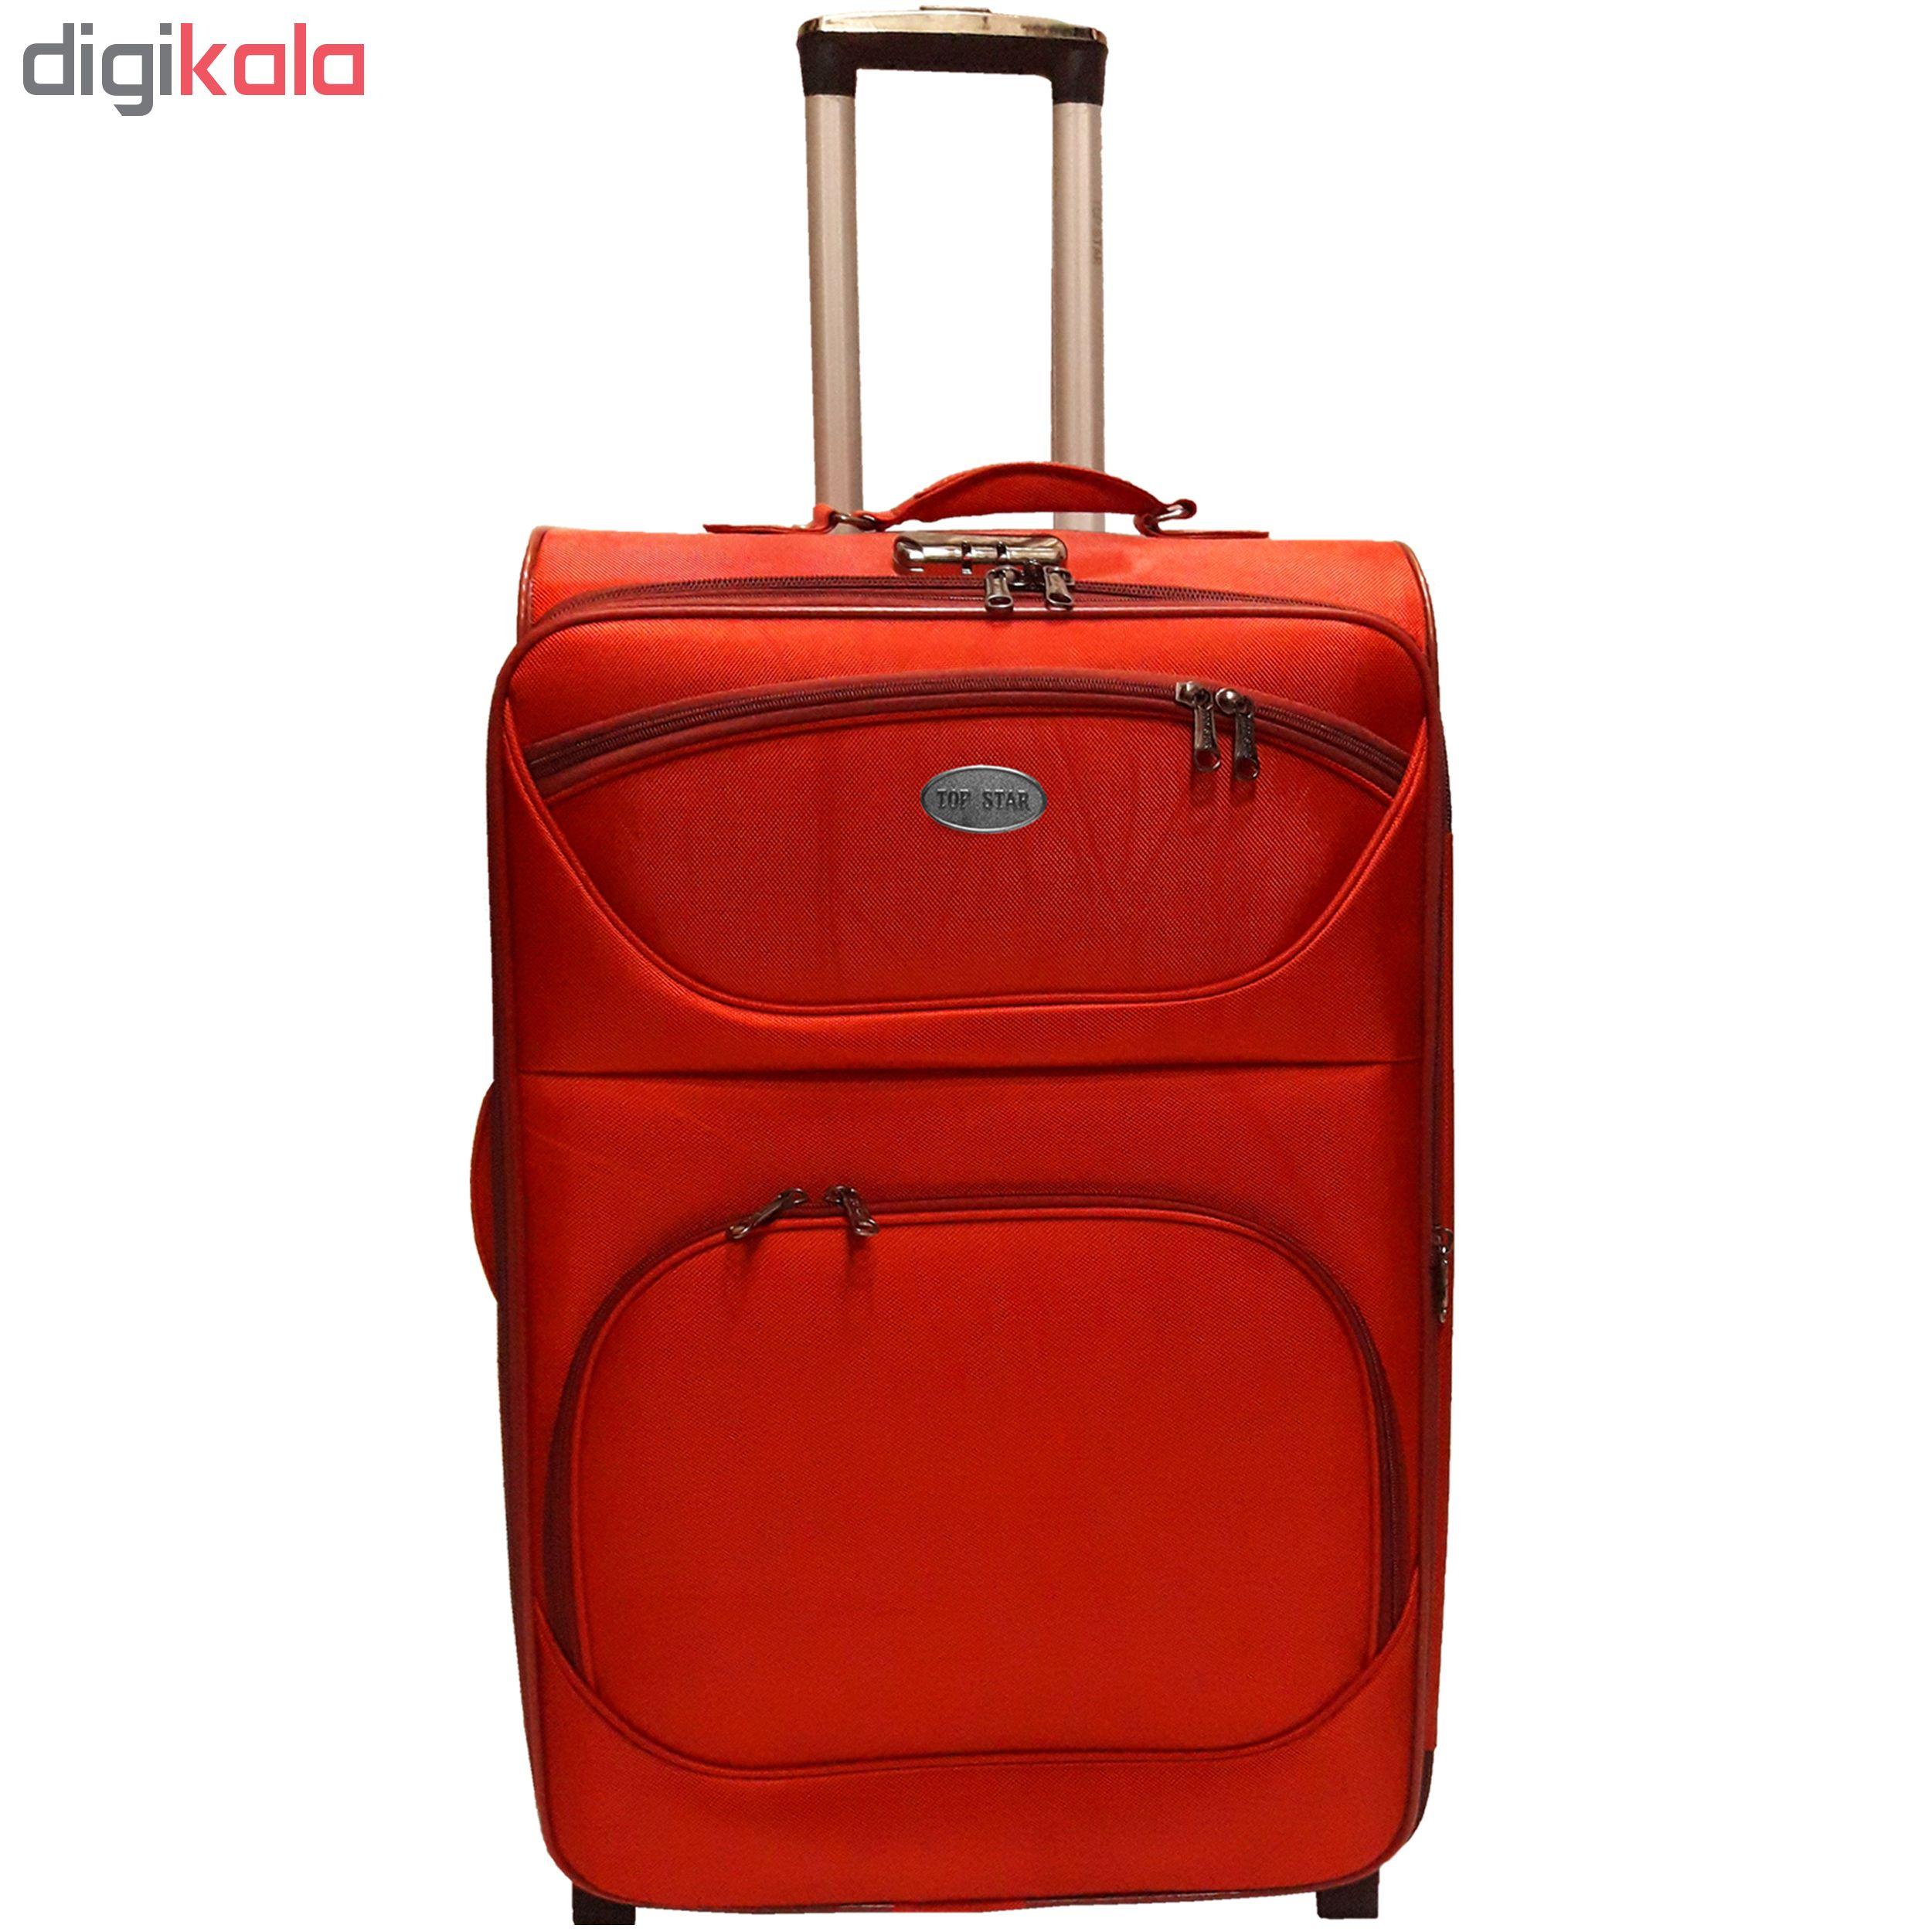 چمدان تاپ استار مدل T2 سایز متوسط